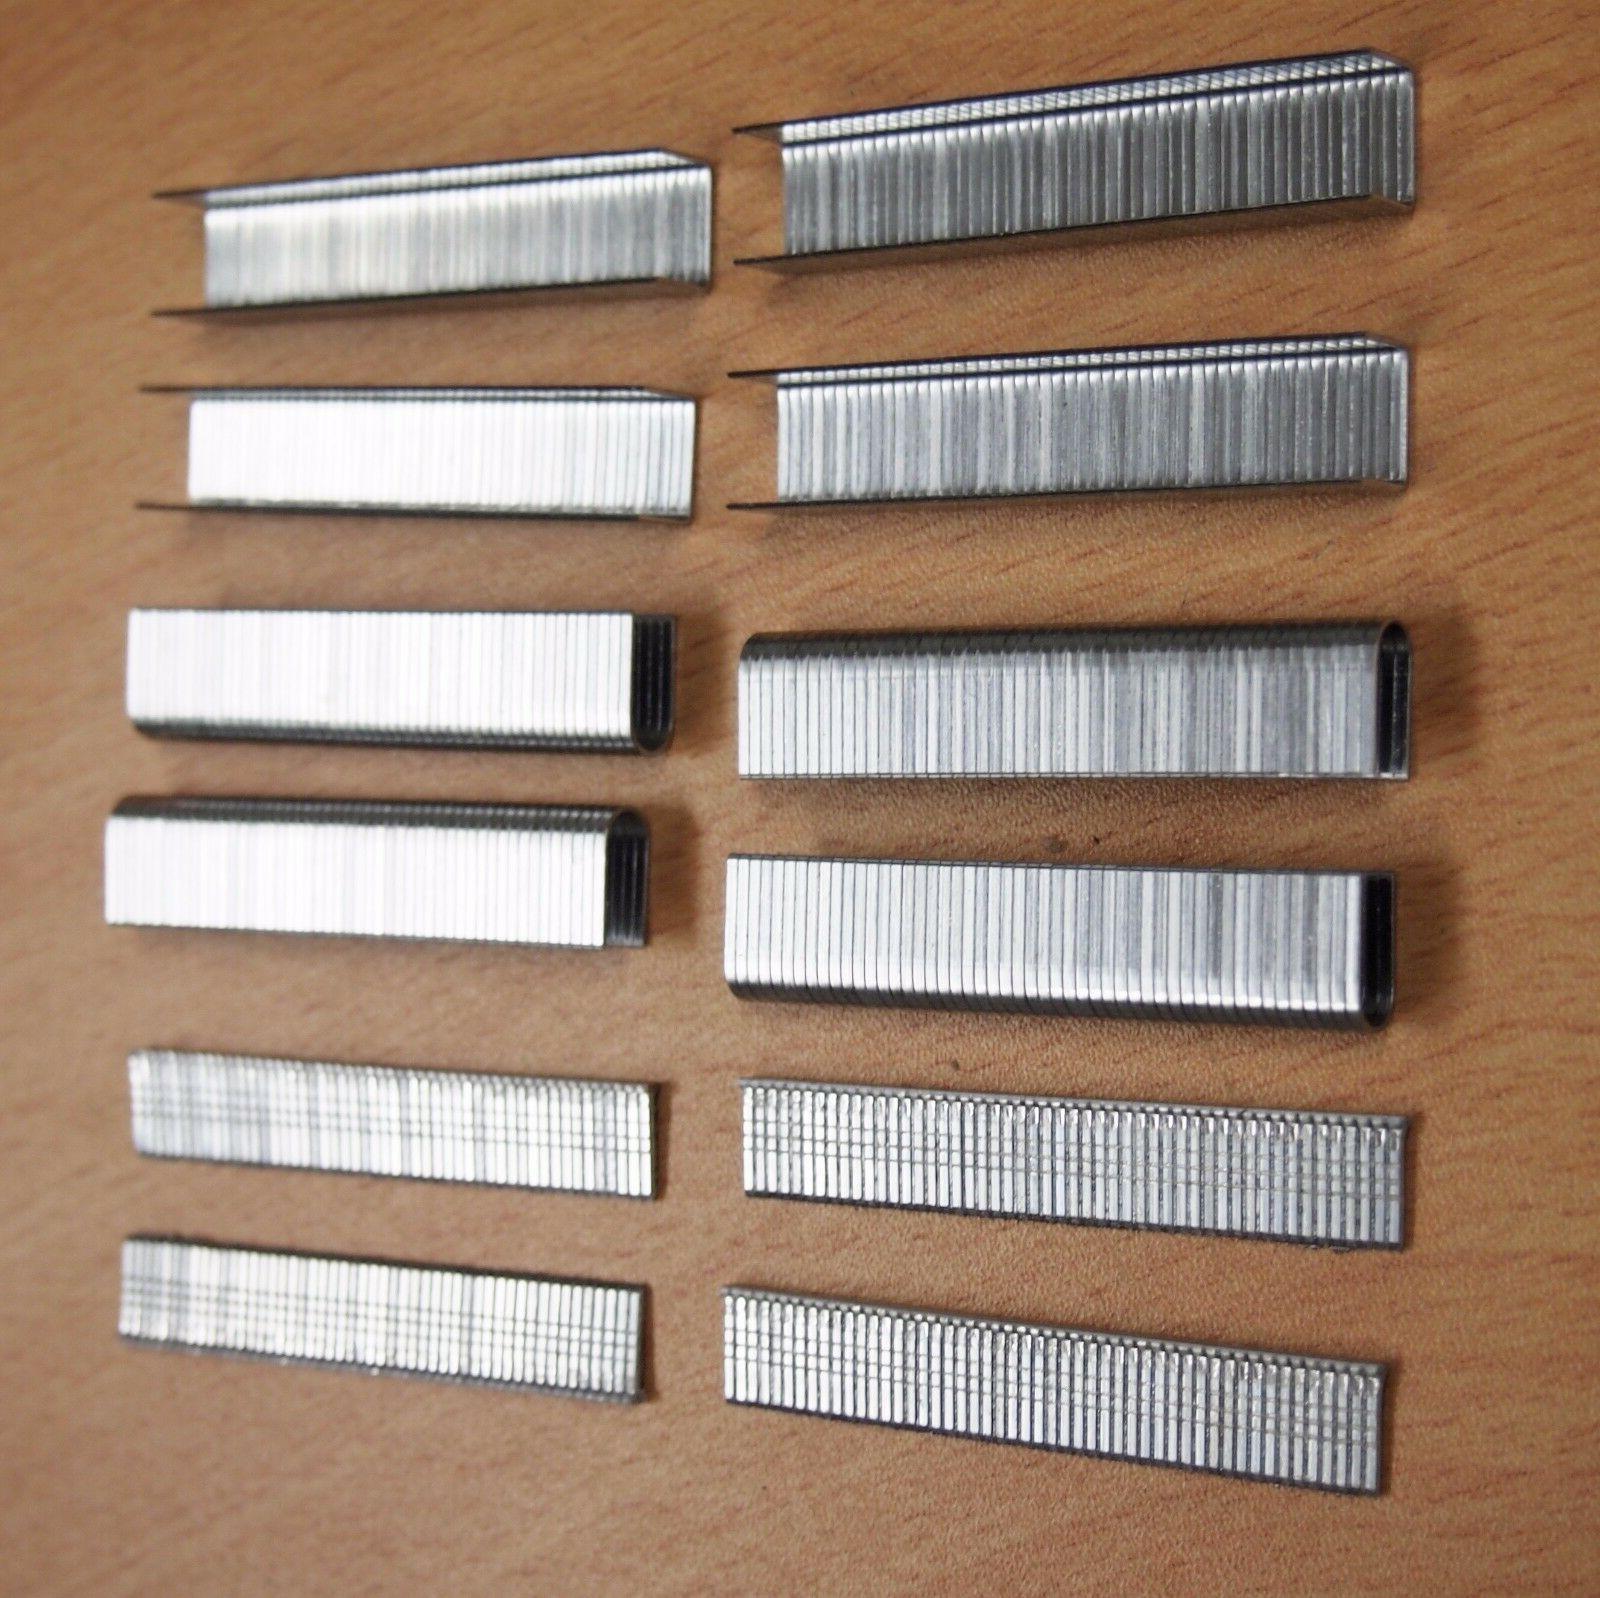 1 Hand Staple Tacker 600 Staples